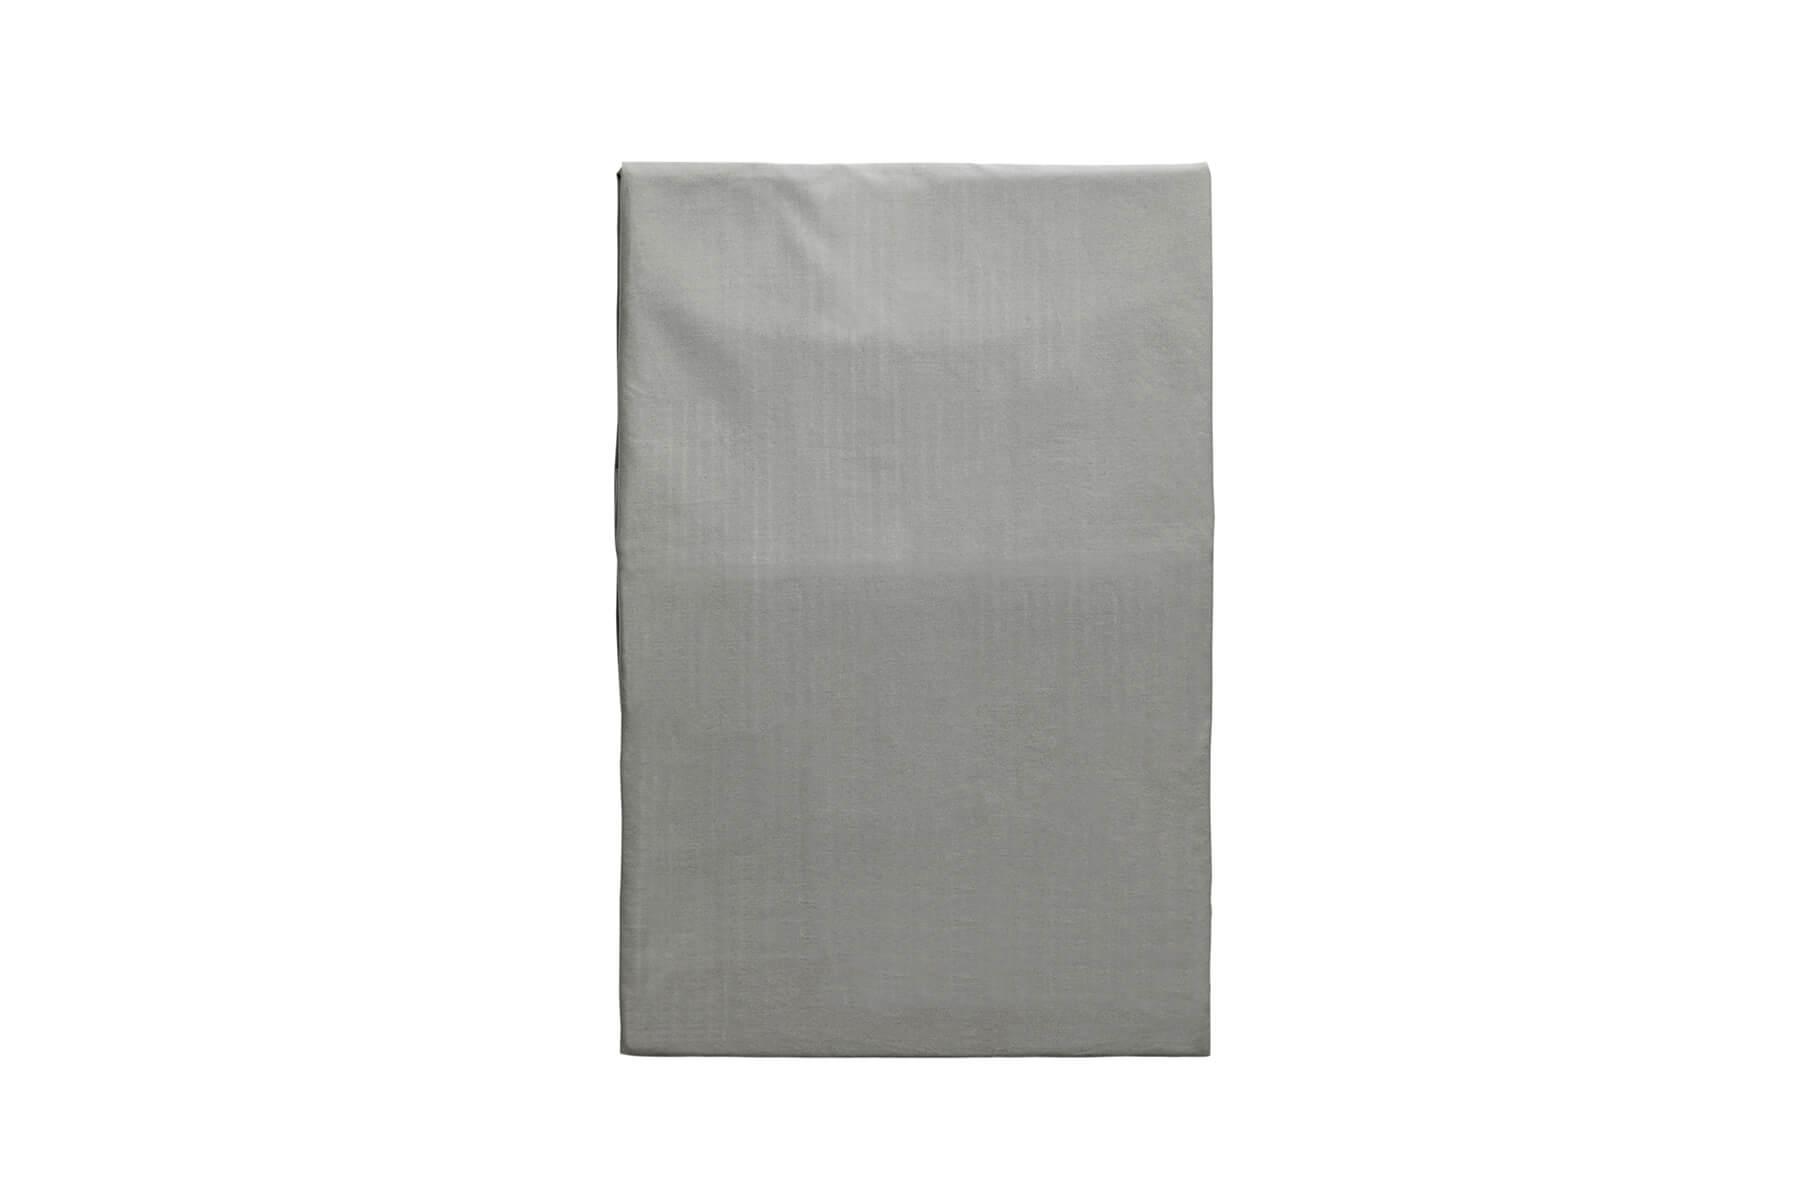 Køb Norhland kuvert splitlagen GrÃ¥ 160 x 200 cm